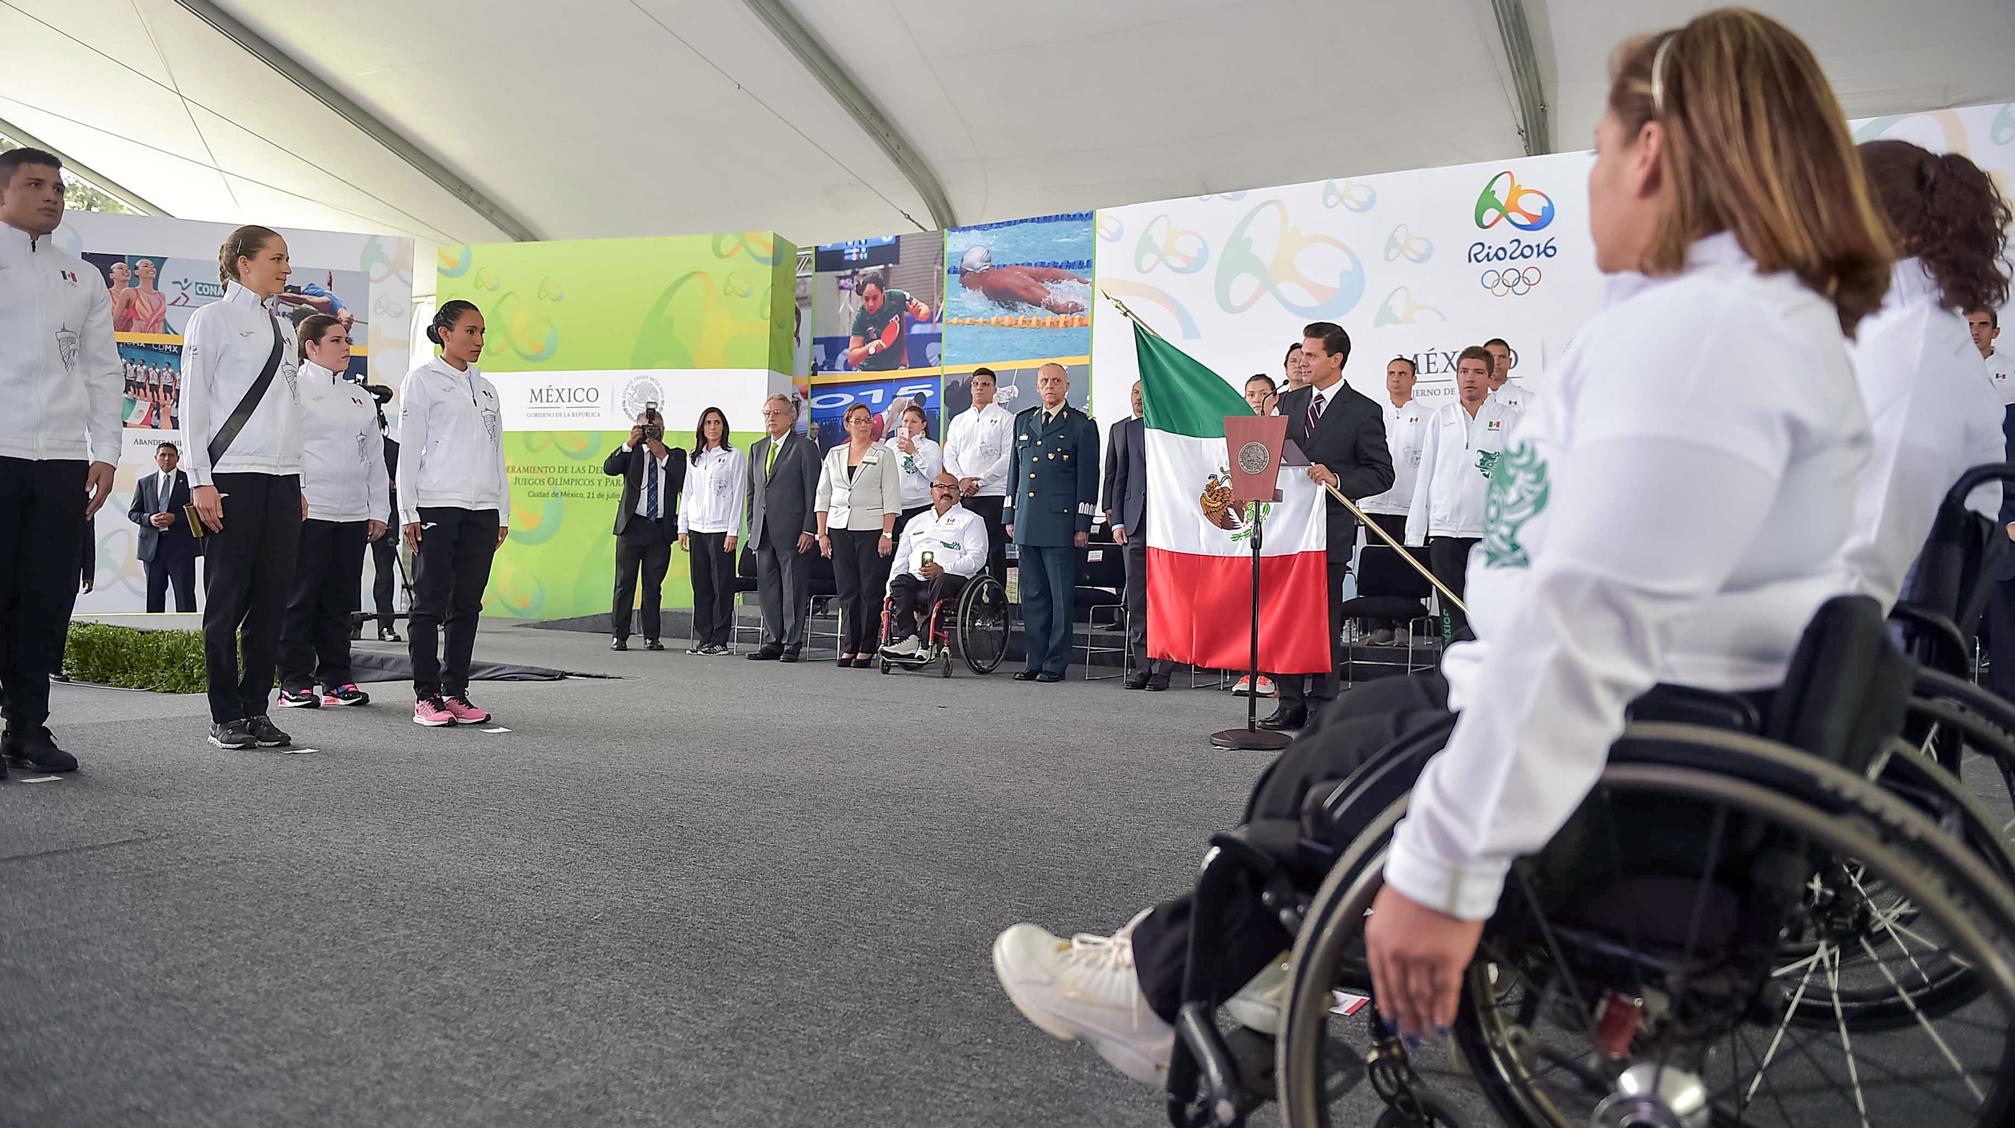 Participarán 128 atletas en Juegos Olímpicos y 66 en Juegos Paralímpicos.